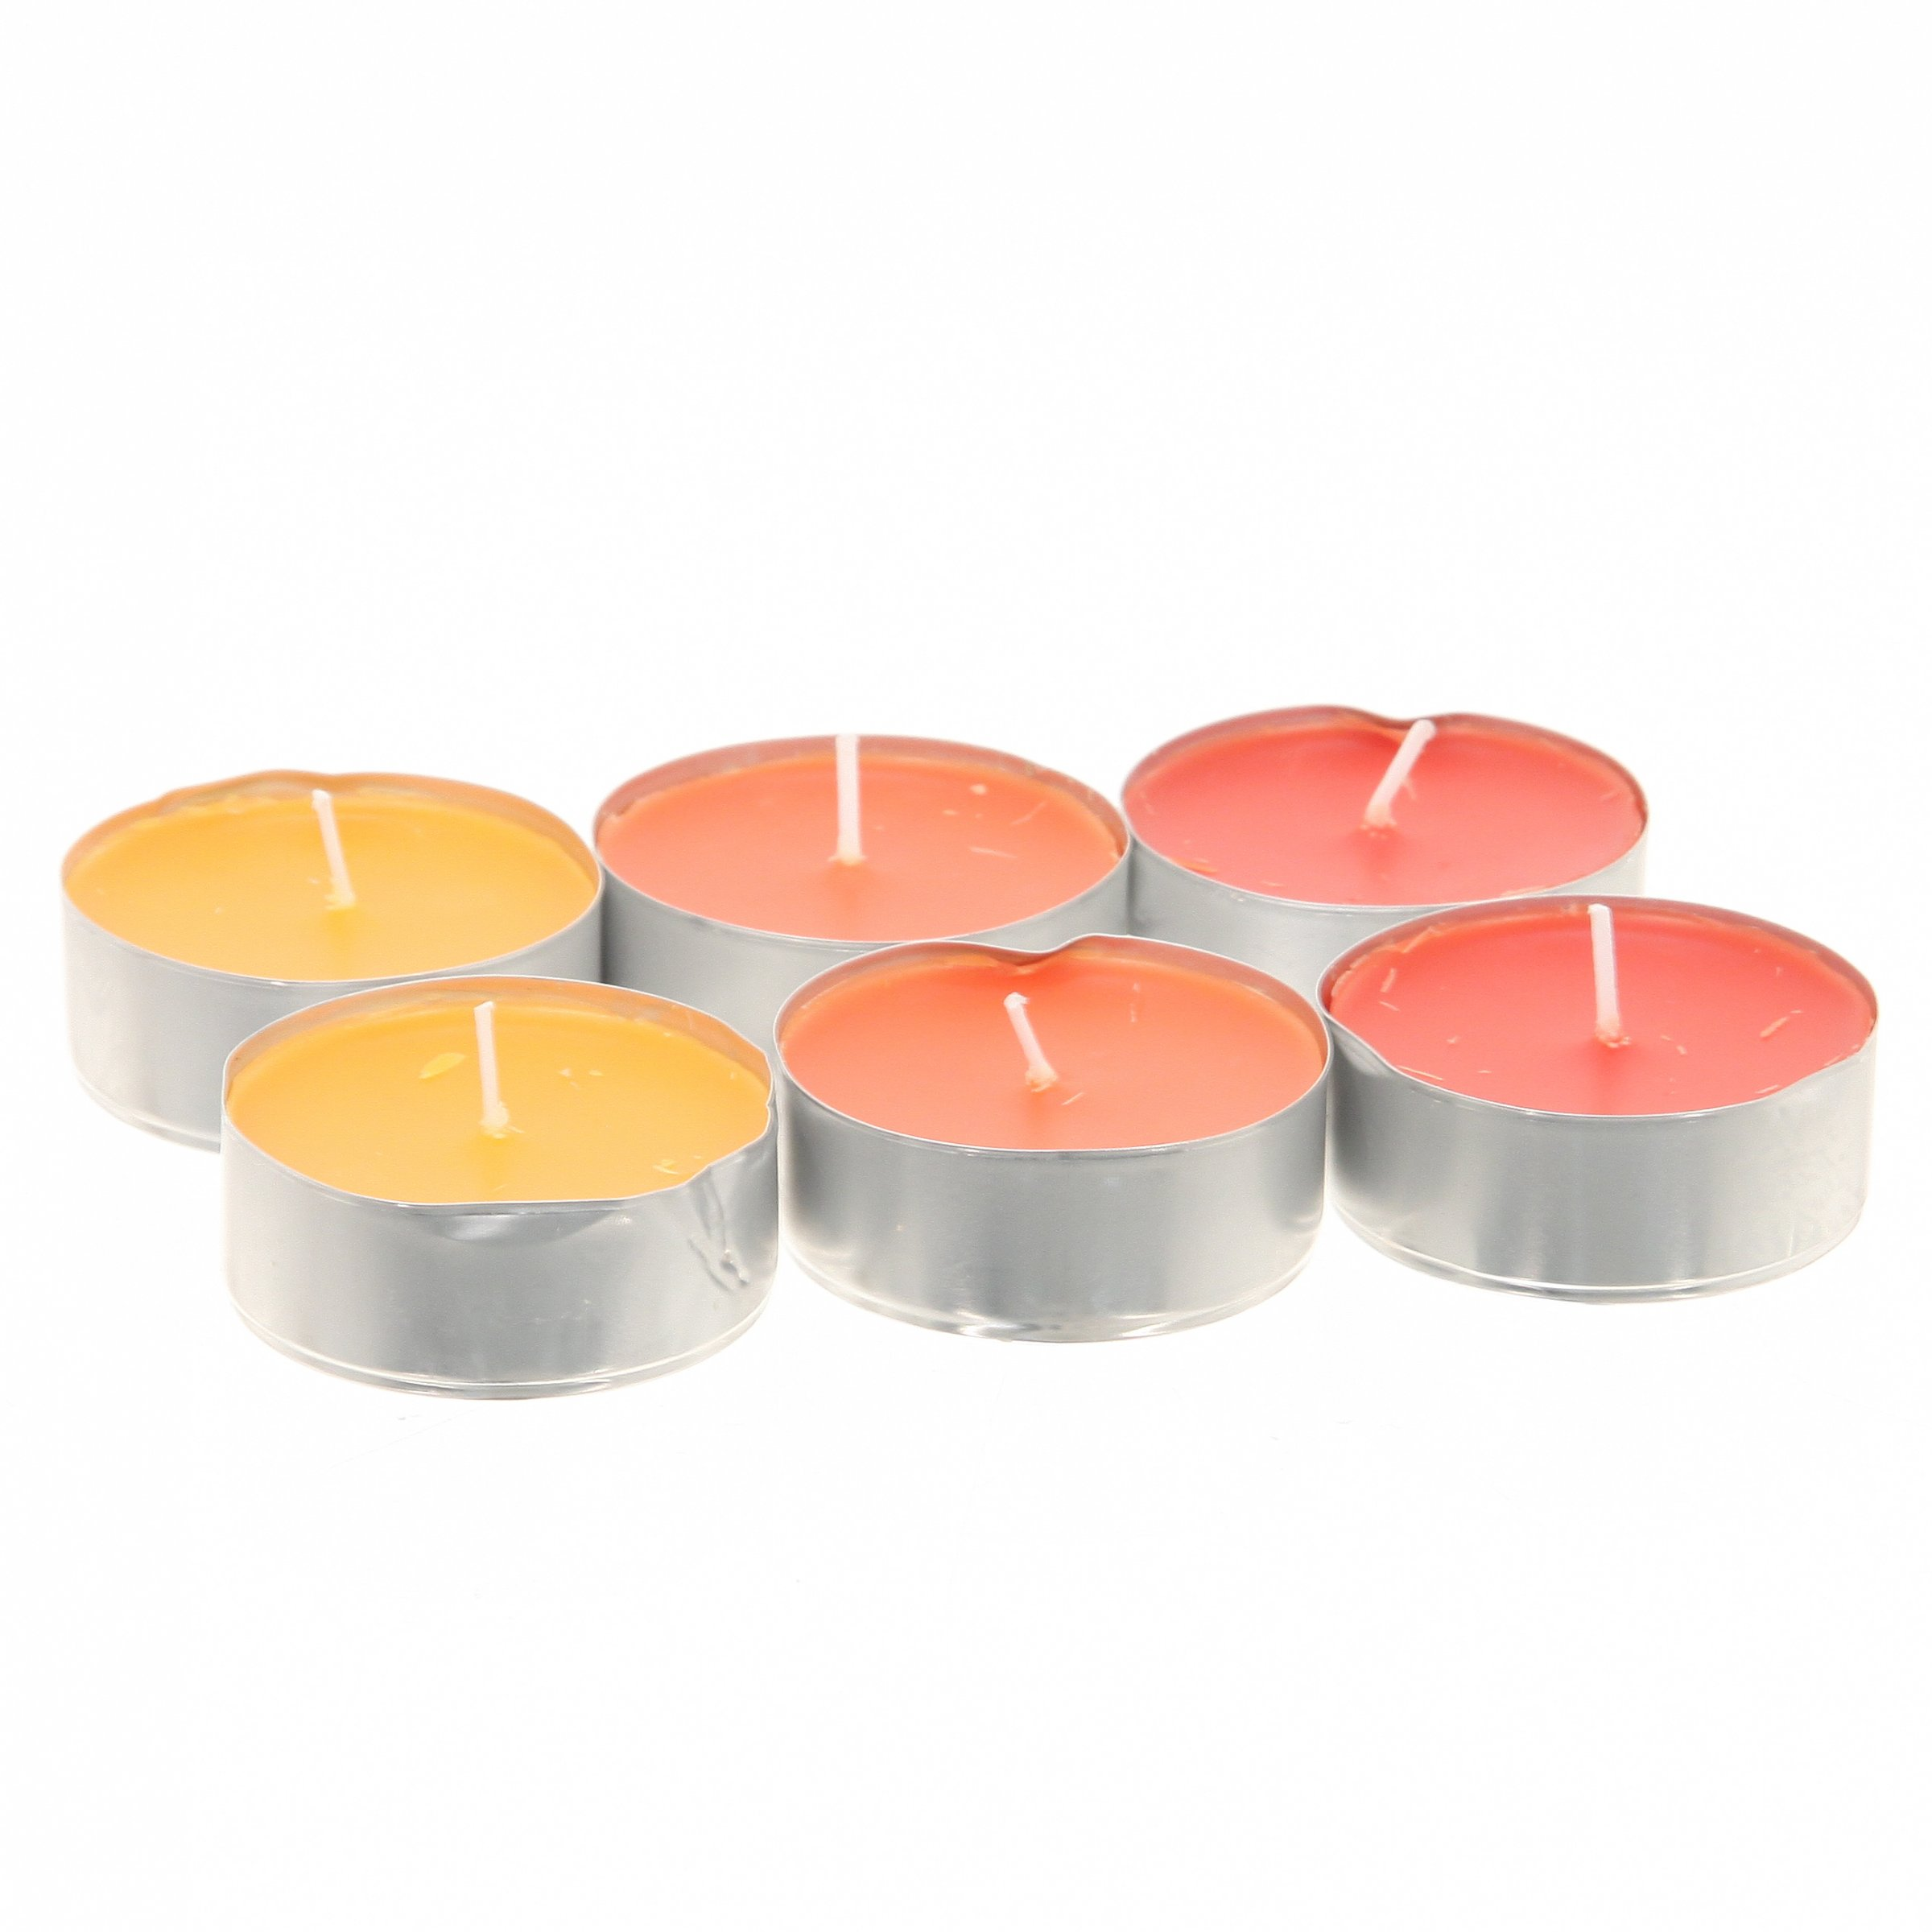 30 bougies chauffe plat senteur fruits tropicaux d coration anniversaire et f tes th me sur. Black Bedroom Furniture Sets. Home Design Ideas